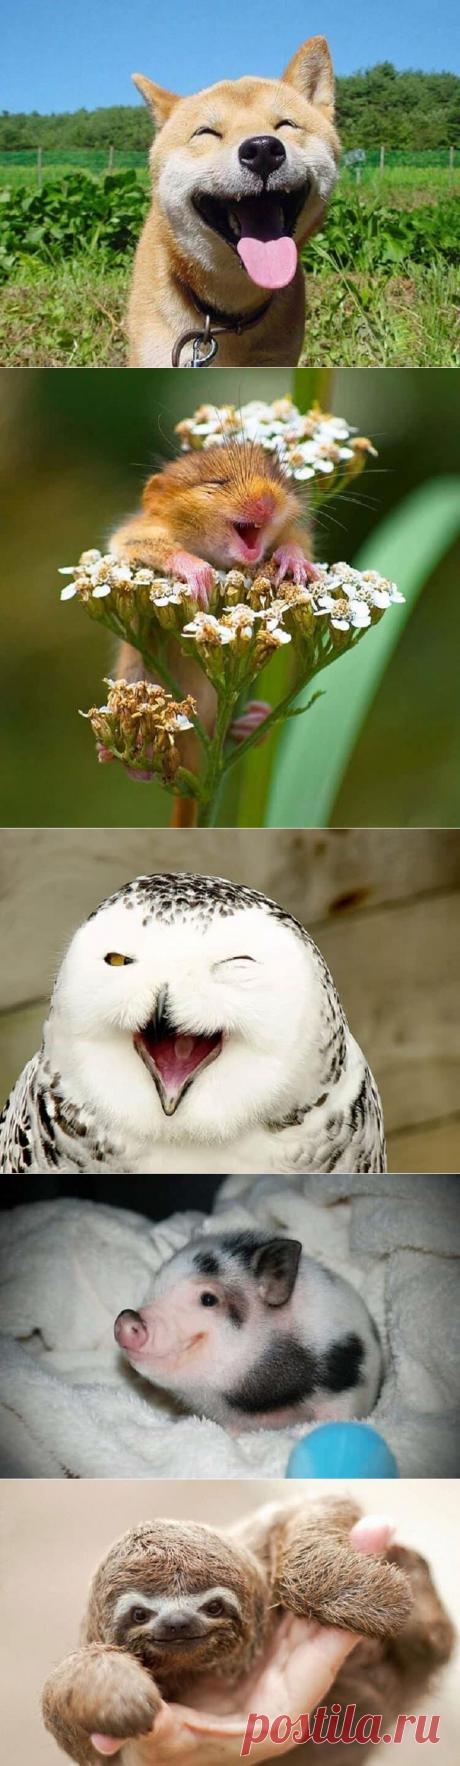 Заряд позитива: 20 самых нежных и искренних улыбок животных